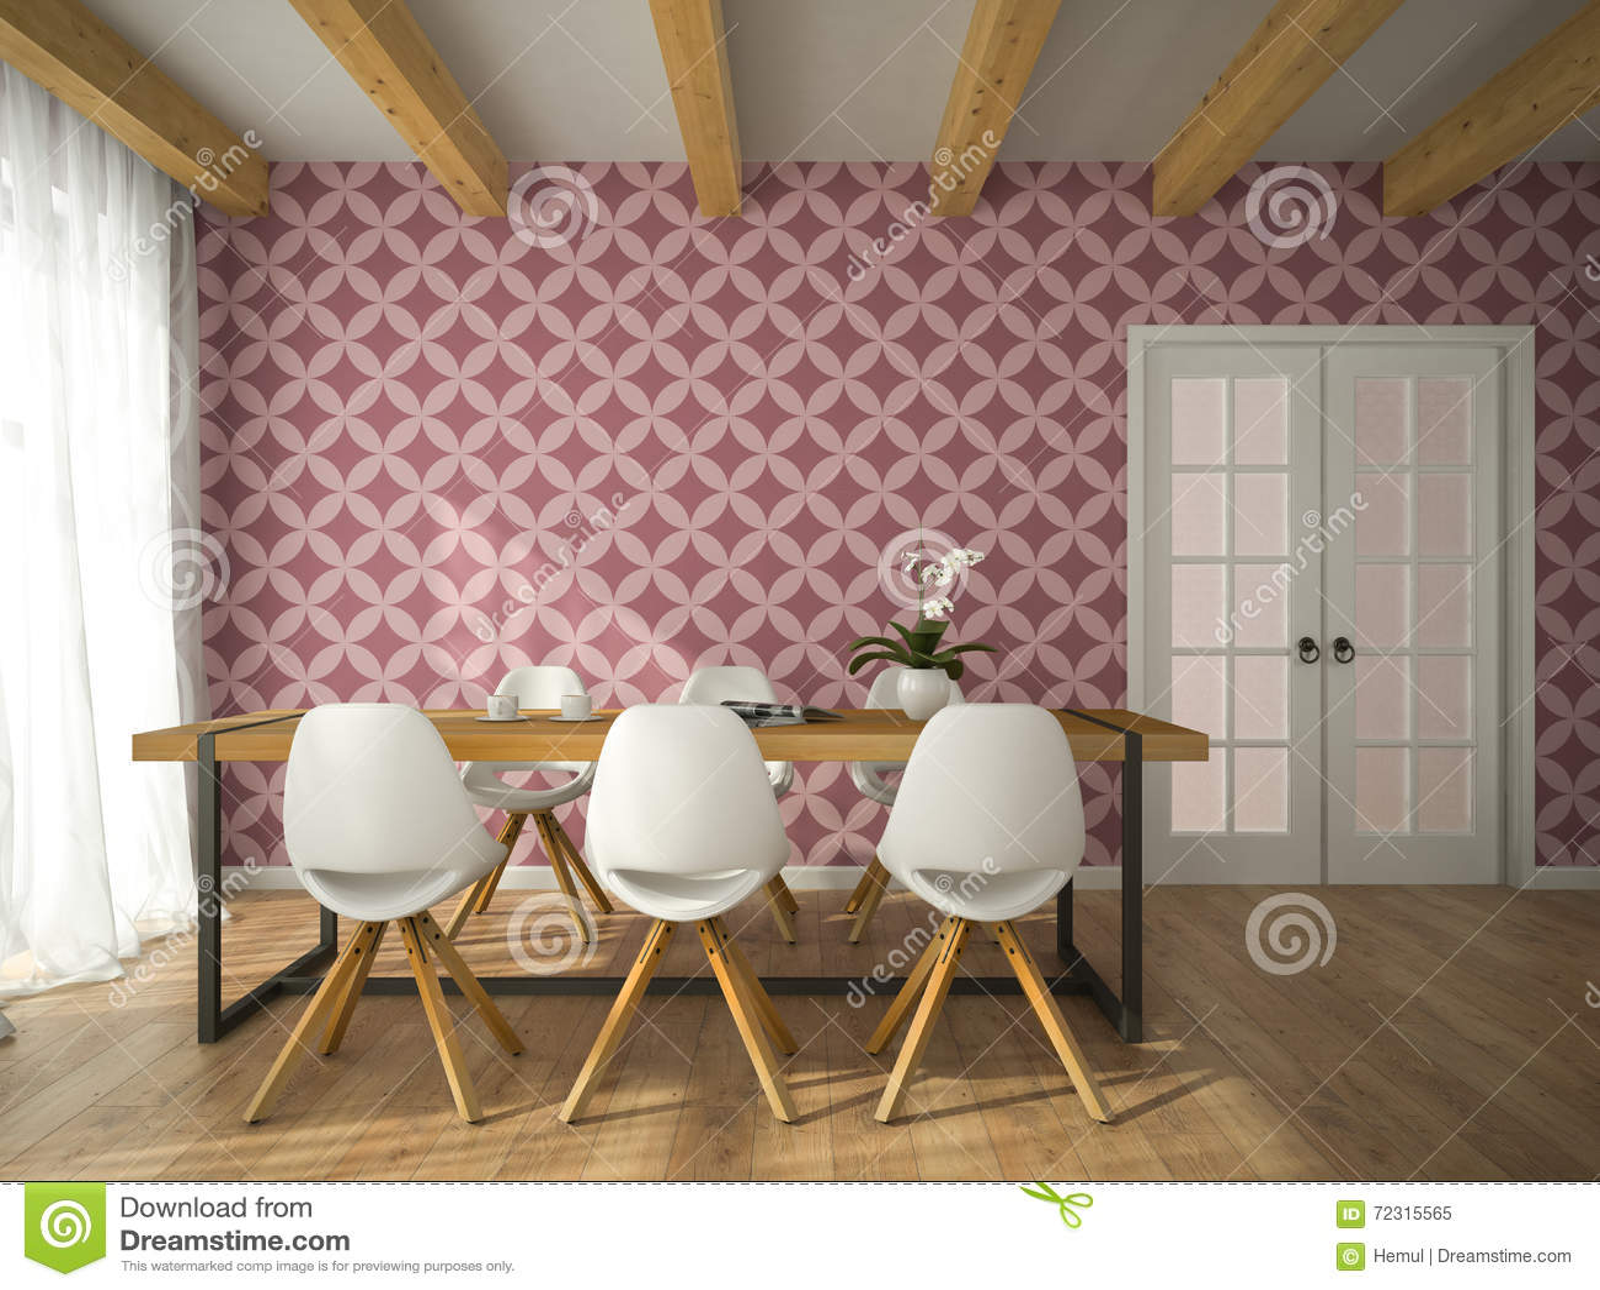 Originali carte da parati design perfetti per qualsiasi ambiente. Interior Of Dining Room With Vinous Wallpaper 3d Rendering Stock Illustration Illustration Of Comfort Ceiling 72315565